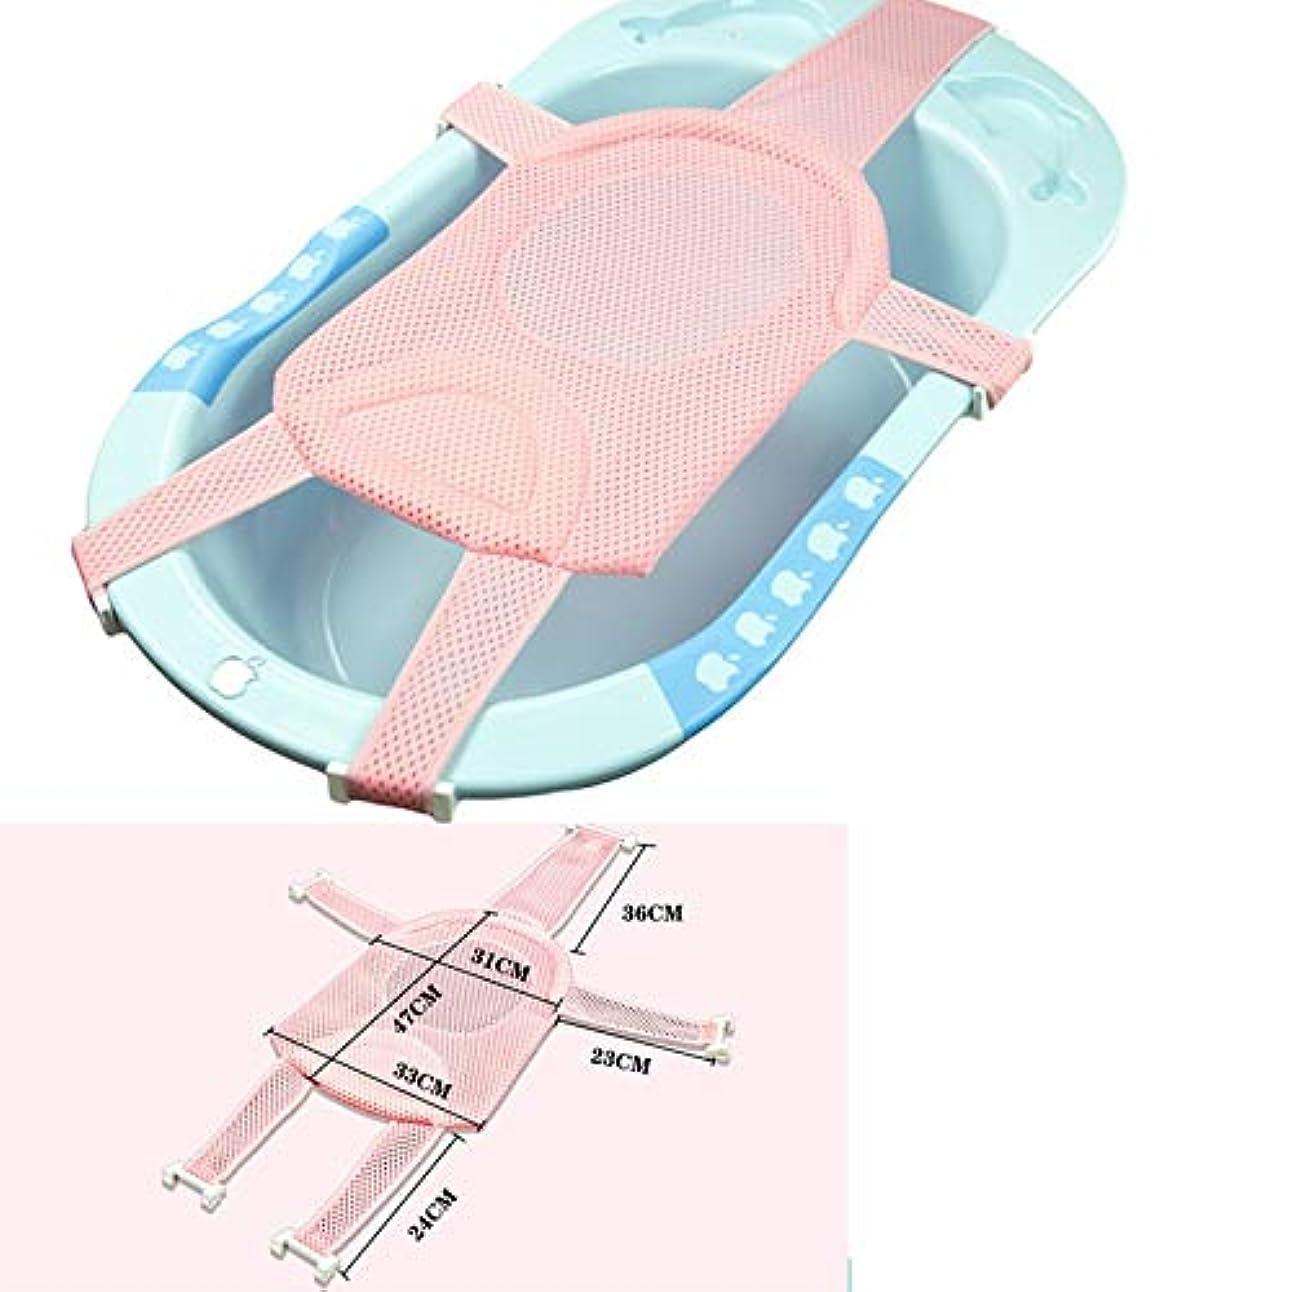 抜け目がない保存するコウモリSMART 漫画ポータブル赤ちゃんノンスリップバスタブシャワー浴槽マット新生児安全セキュリティバスエアクッション折りたたみソフト枕シート クッション 椅子